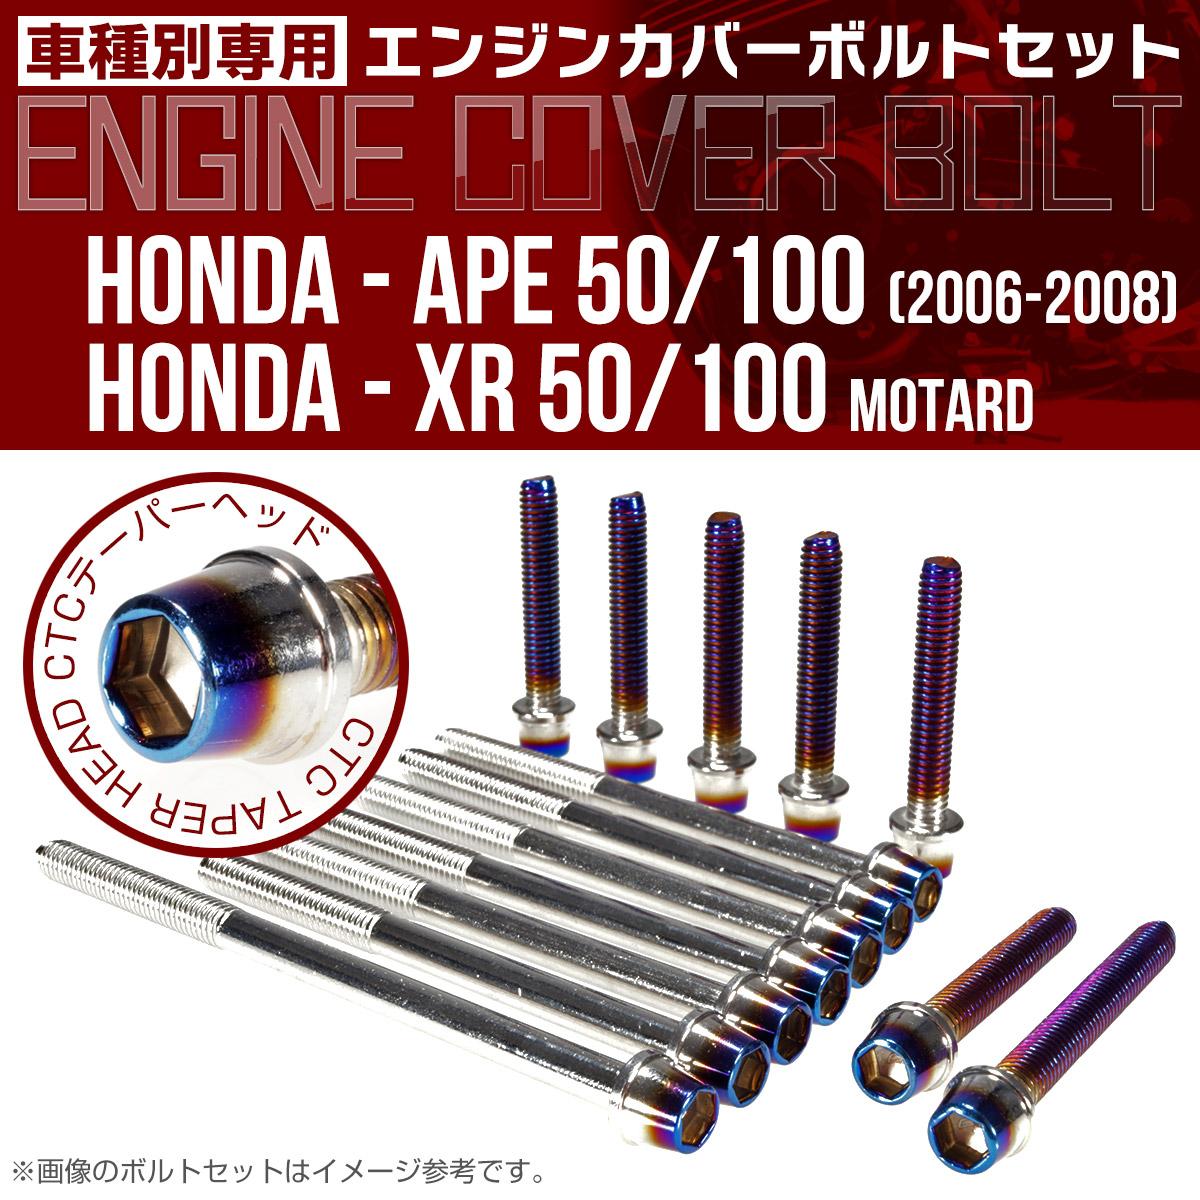 エイプ XR モタード  50 100 エンジンカバーボルト 14本set CTCテーパーヘッド 銀&焼チタン TB6182